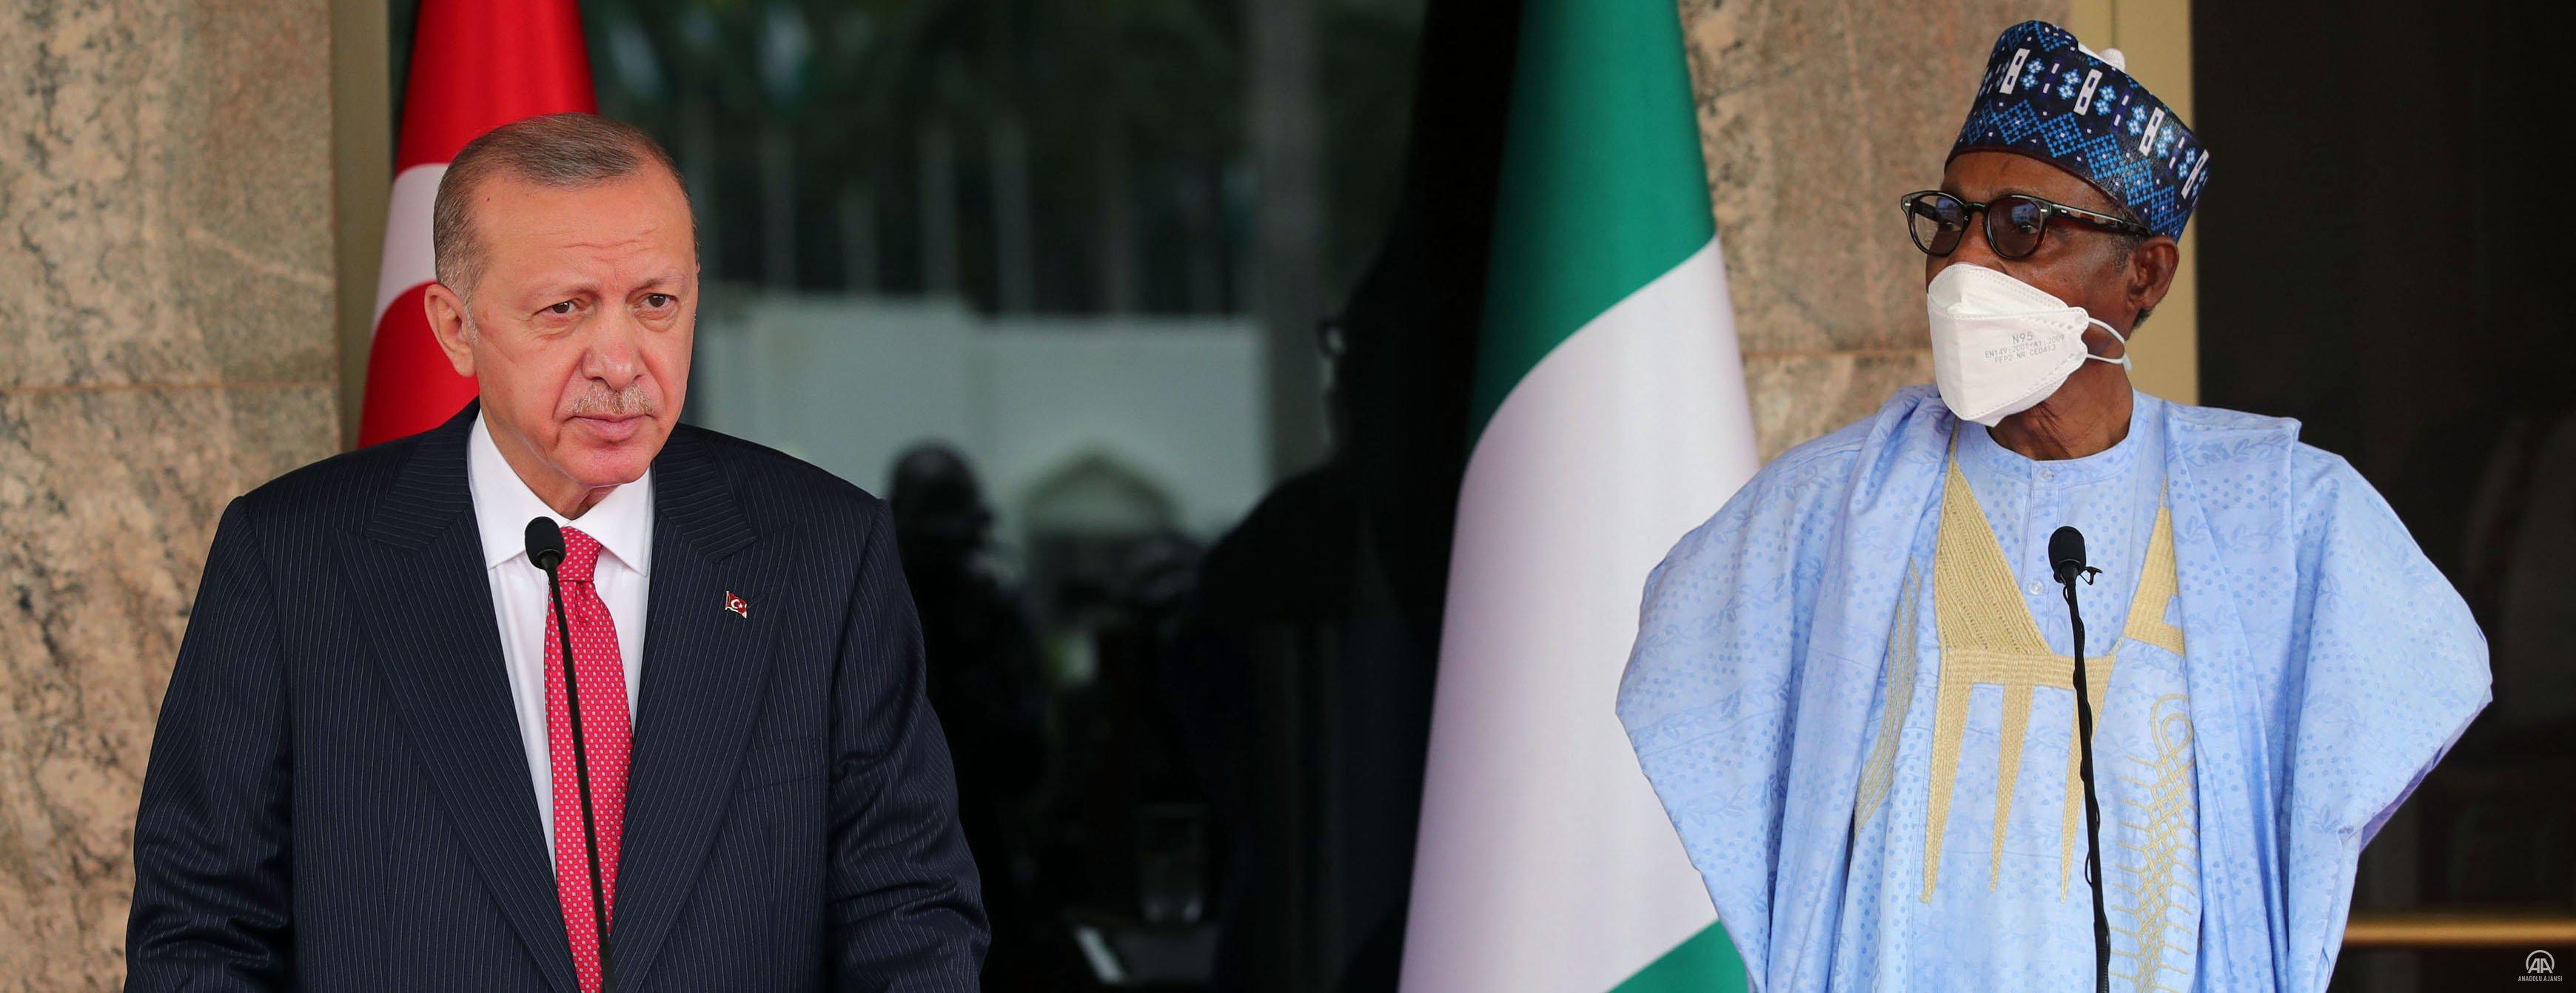 Cumhurbaşkanı Erdoğan, Nijerya Cumhurbaşkanı Buhari ile ortak basın toplantısında konuştu